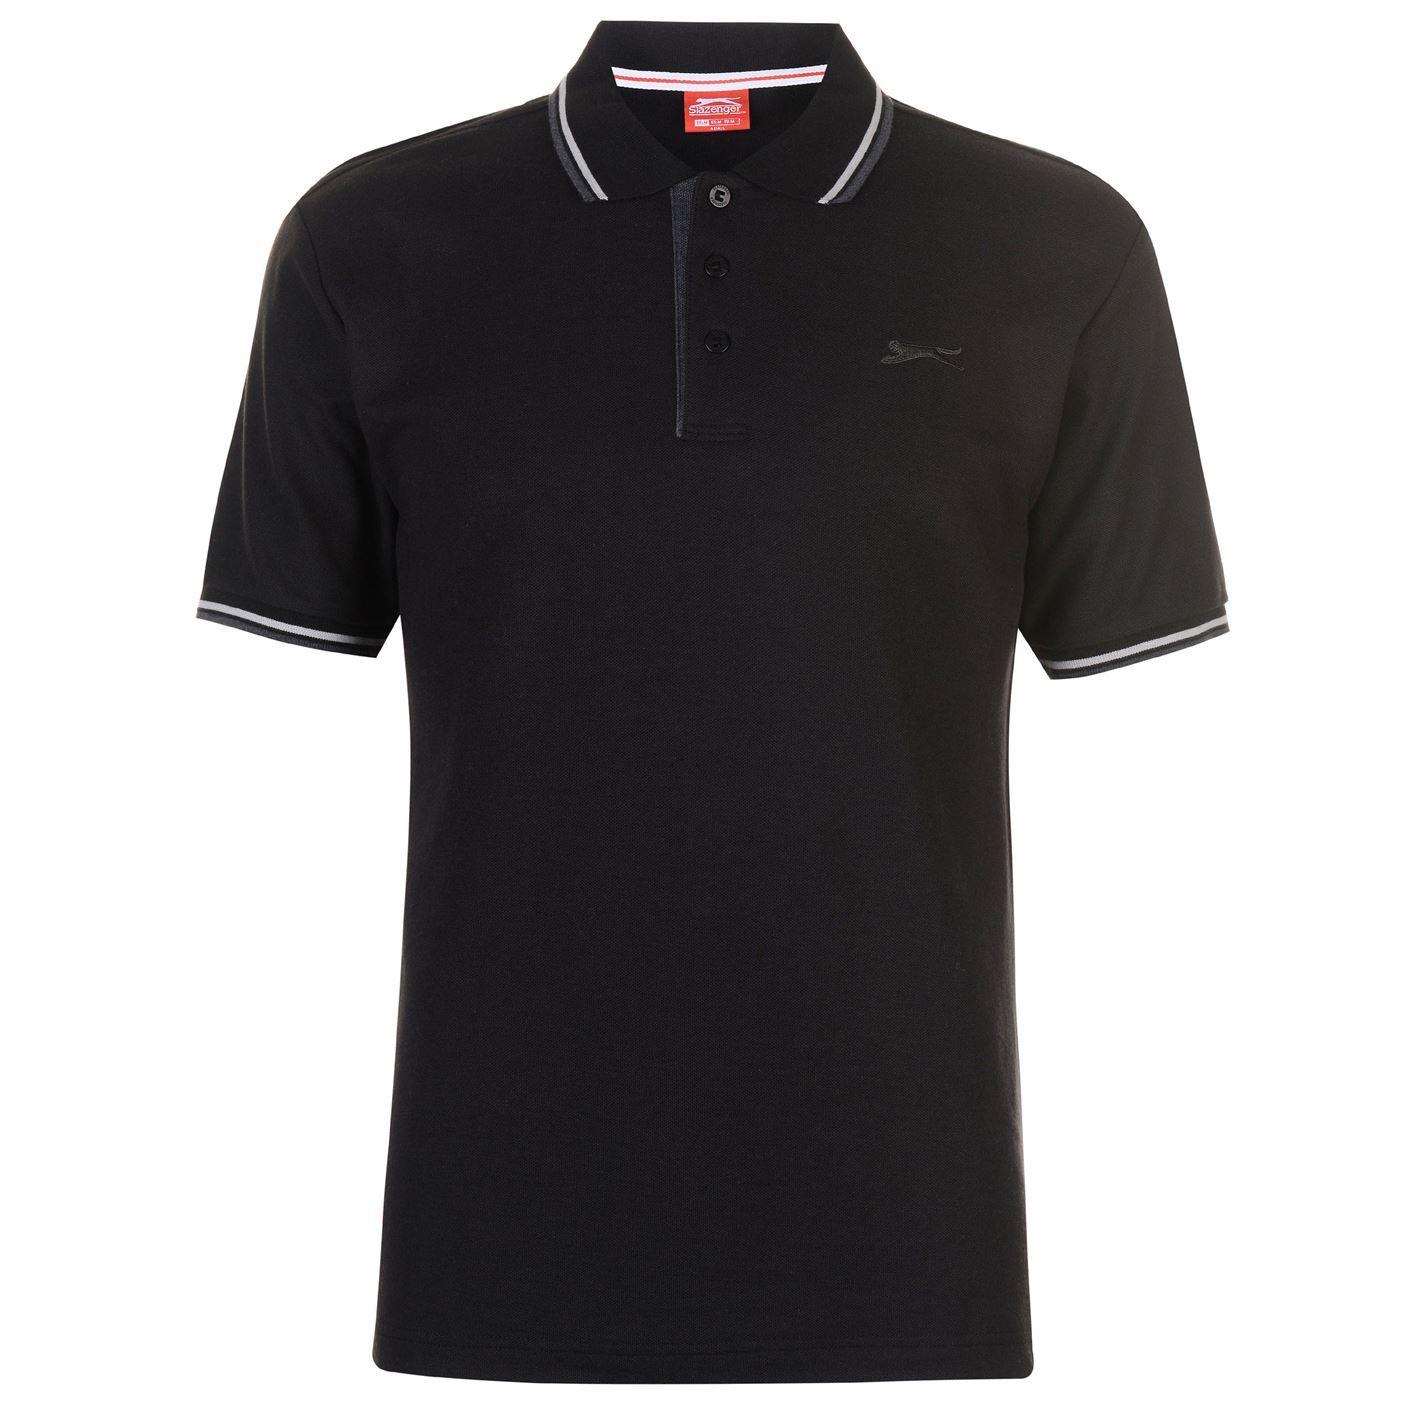 Slazenger-Polo-Camisa-de-hombre-con-cuello-con-Punta-T-Shirt-Top-Camiseta-Tee miniatura 8